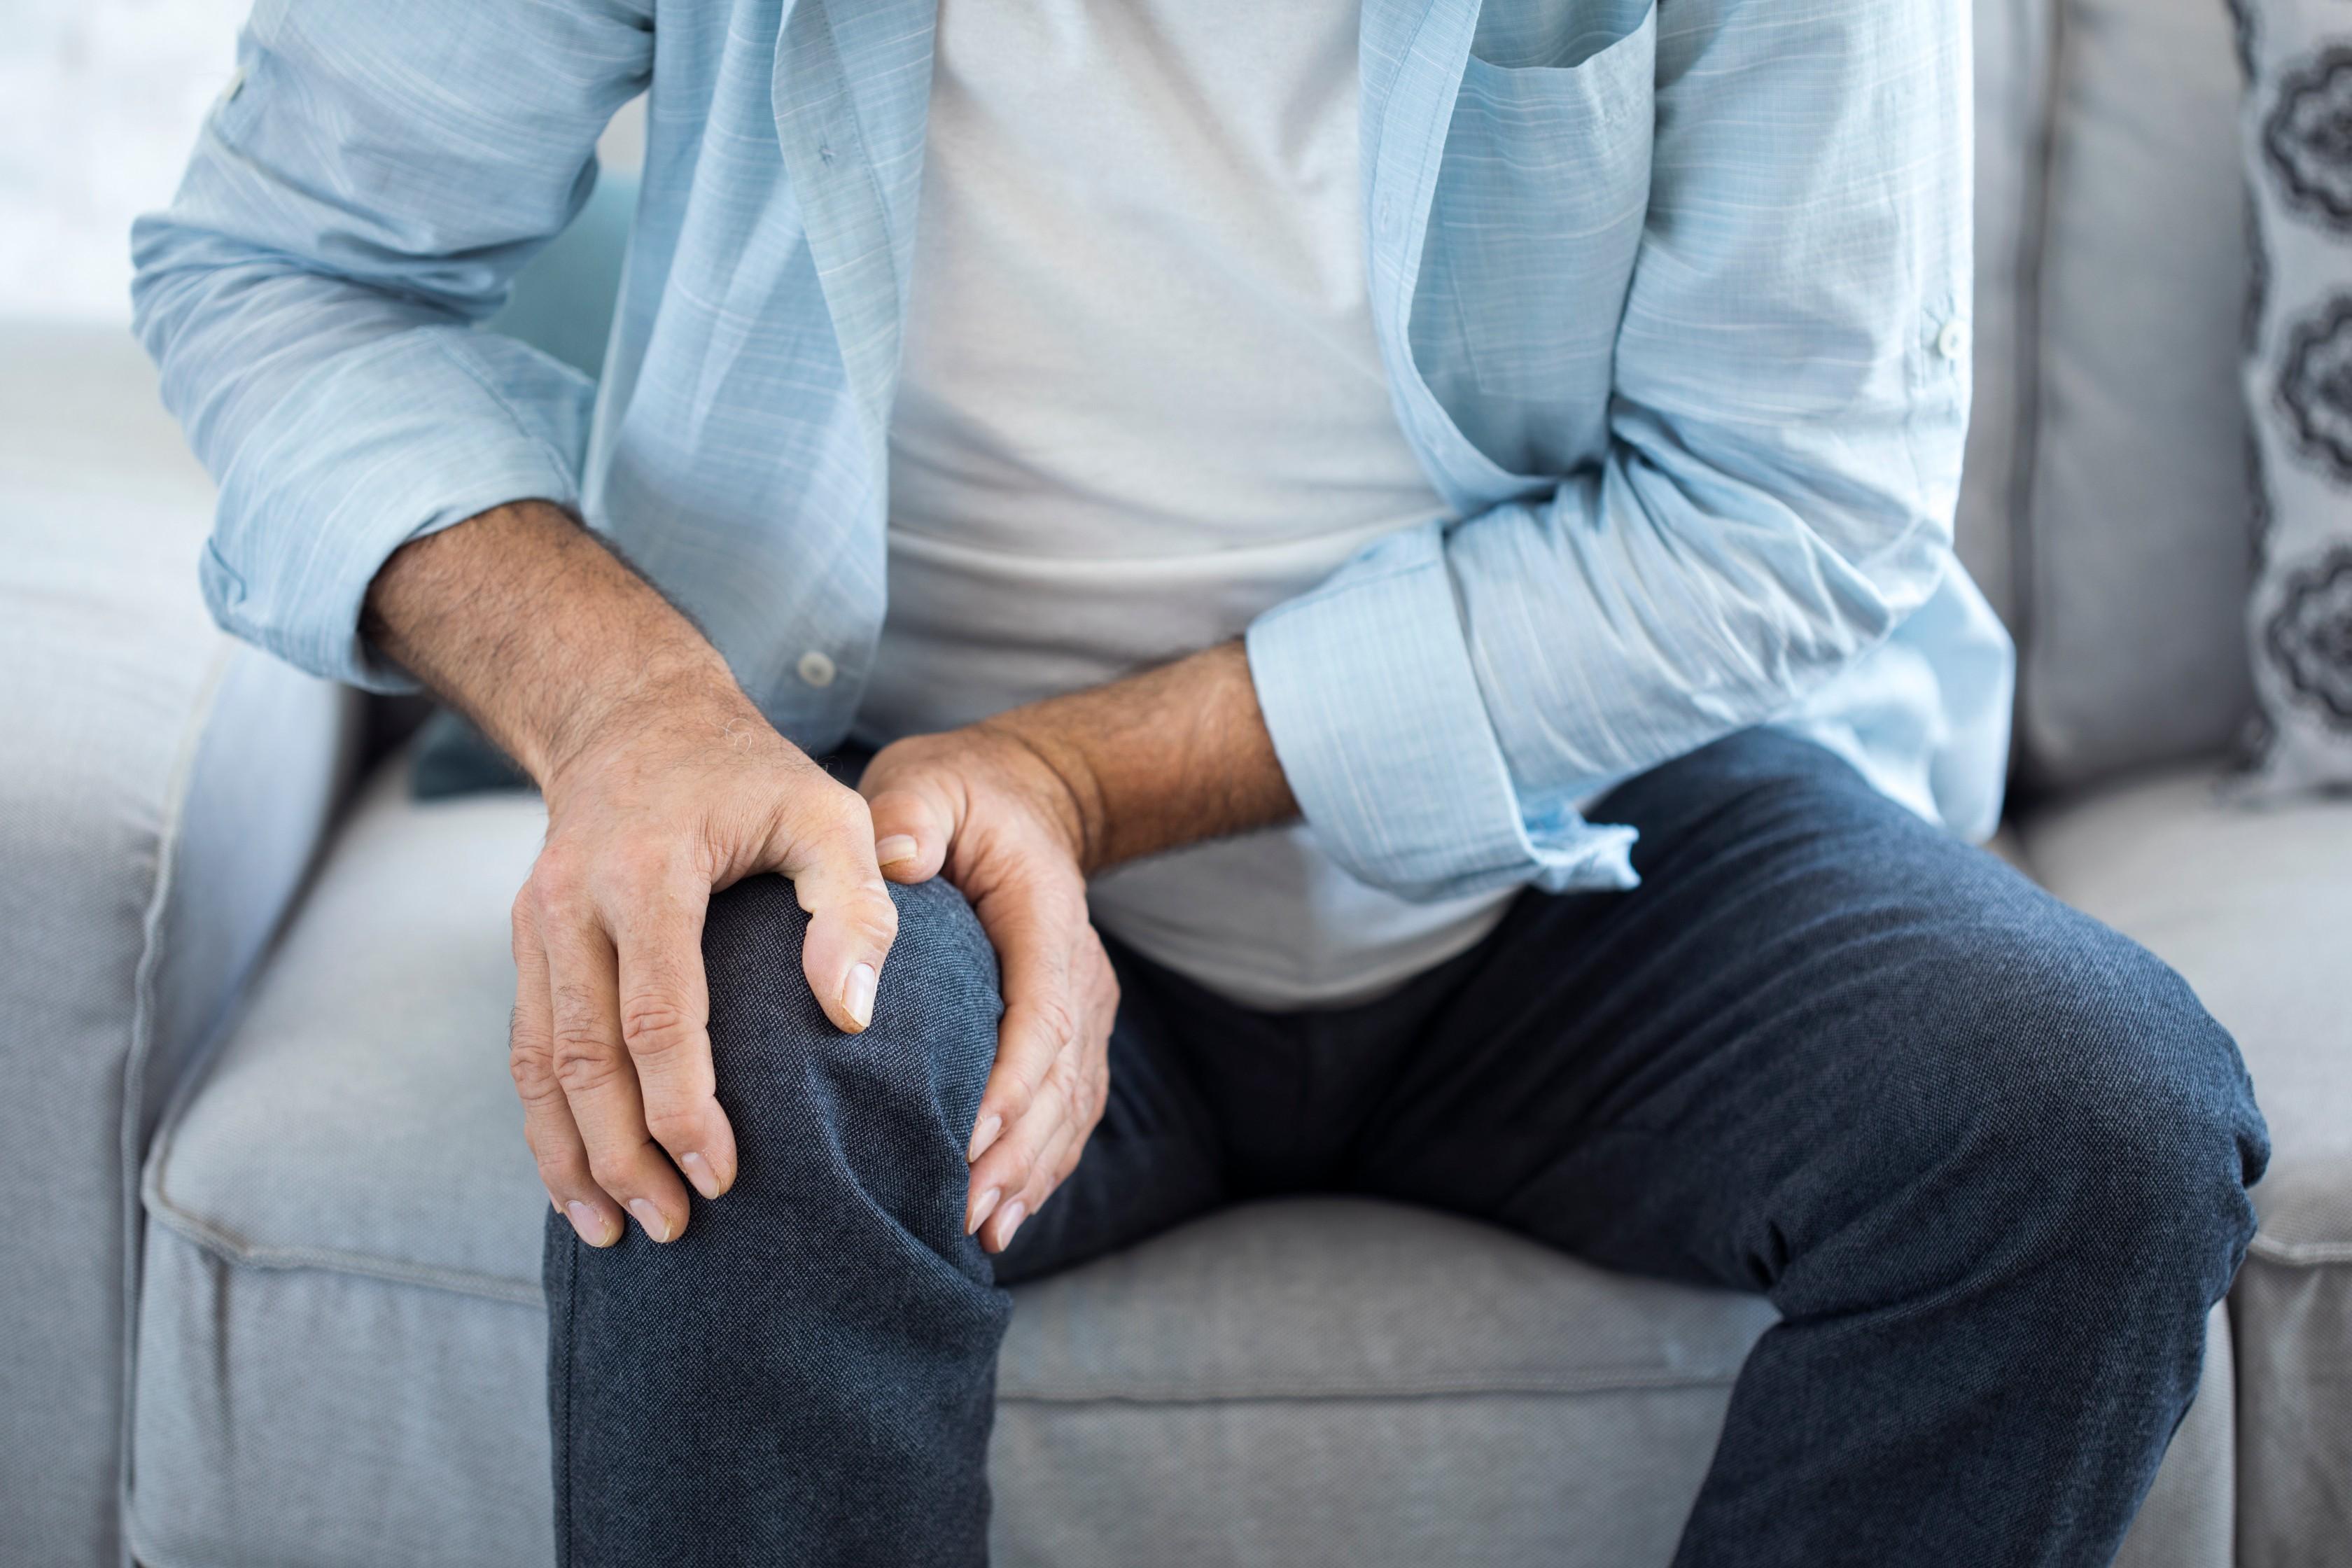 térdízületet kellemetlen érzés miatt összeráncolja torna ízületi gyulladás és ízületi gyulladás kezelésére